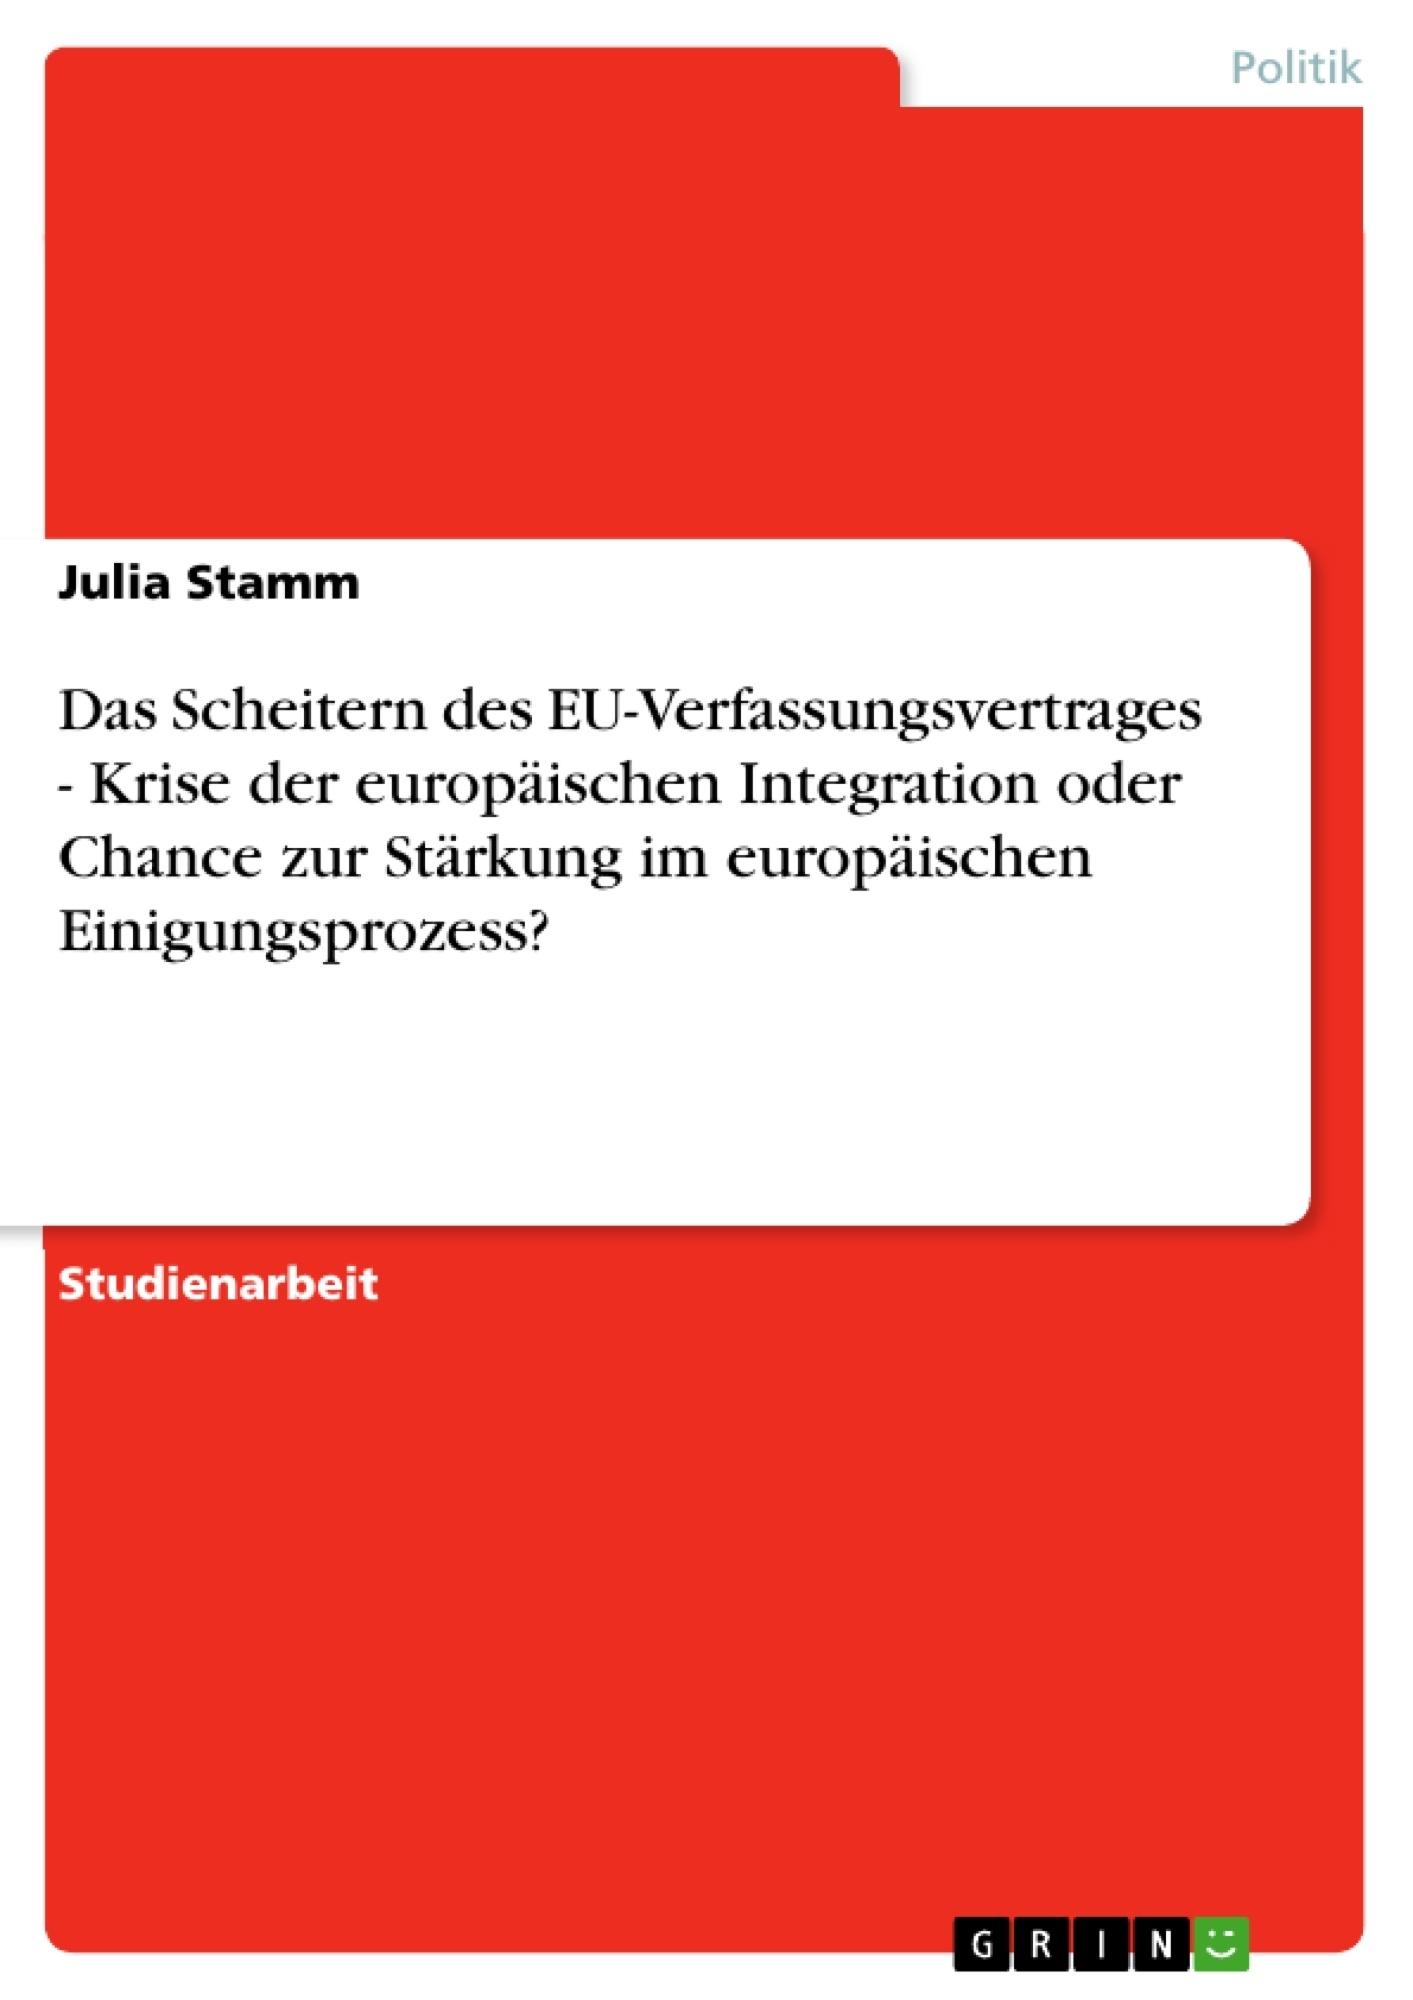 Titel: Das Scheitern des EU-Verfassungsvertrages - Krise der europäischen Integration oder Chance zur Stärkung im europäischen Einigungsprozess?